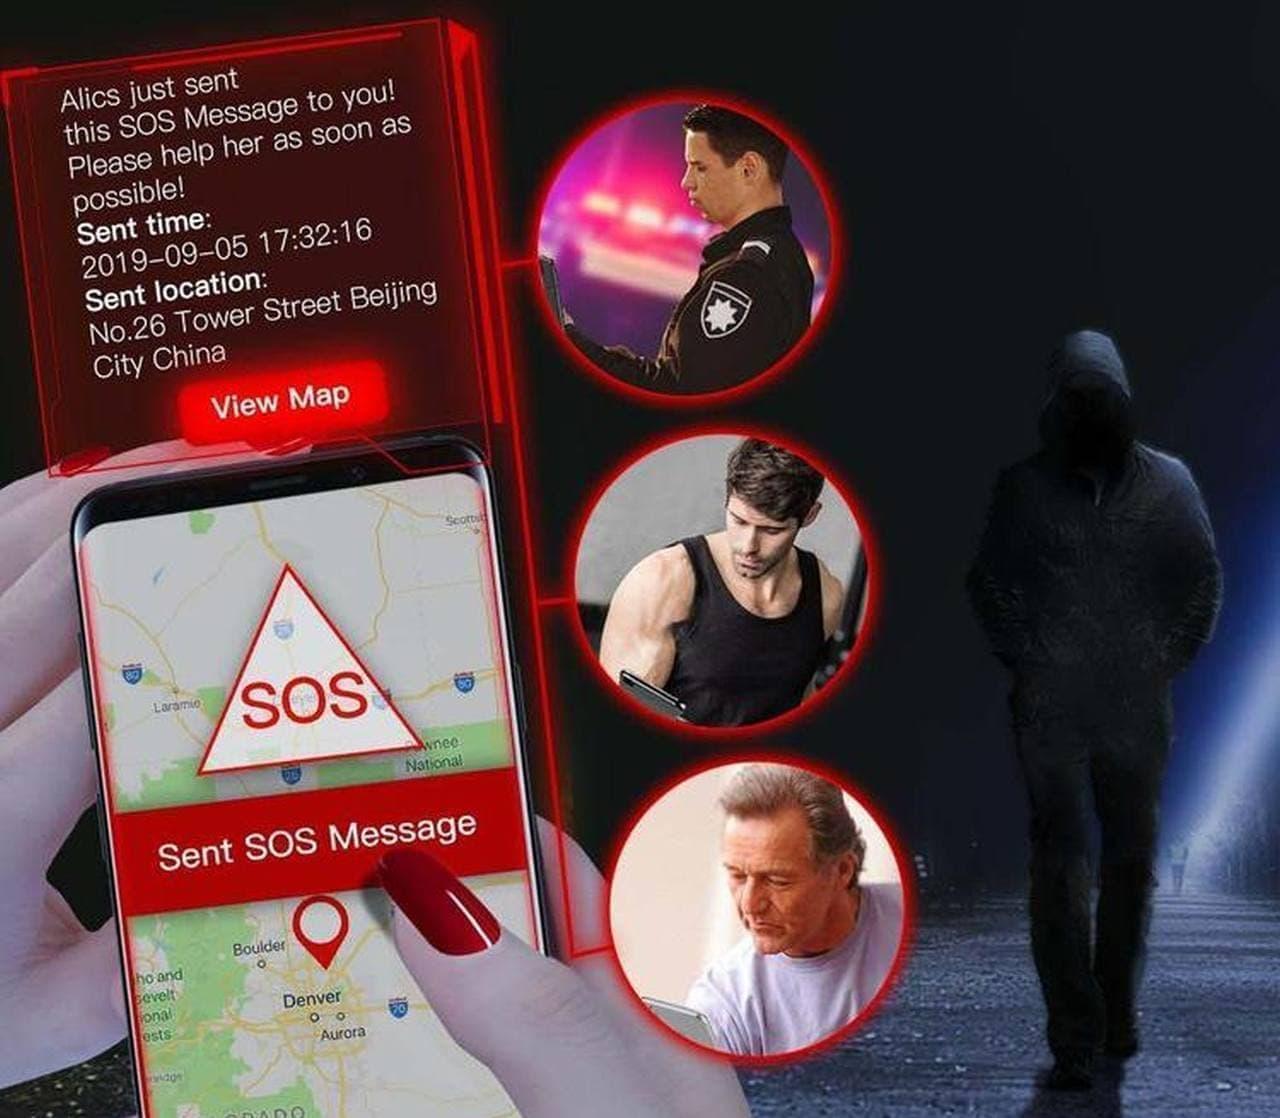 ネイルの下に隠すRFIDチップ JAKCOM「N3 Smart Nail Chip」 SOSを発信したり現在地を友達に知らせたり